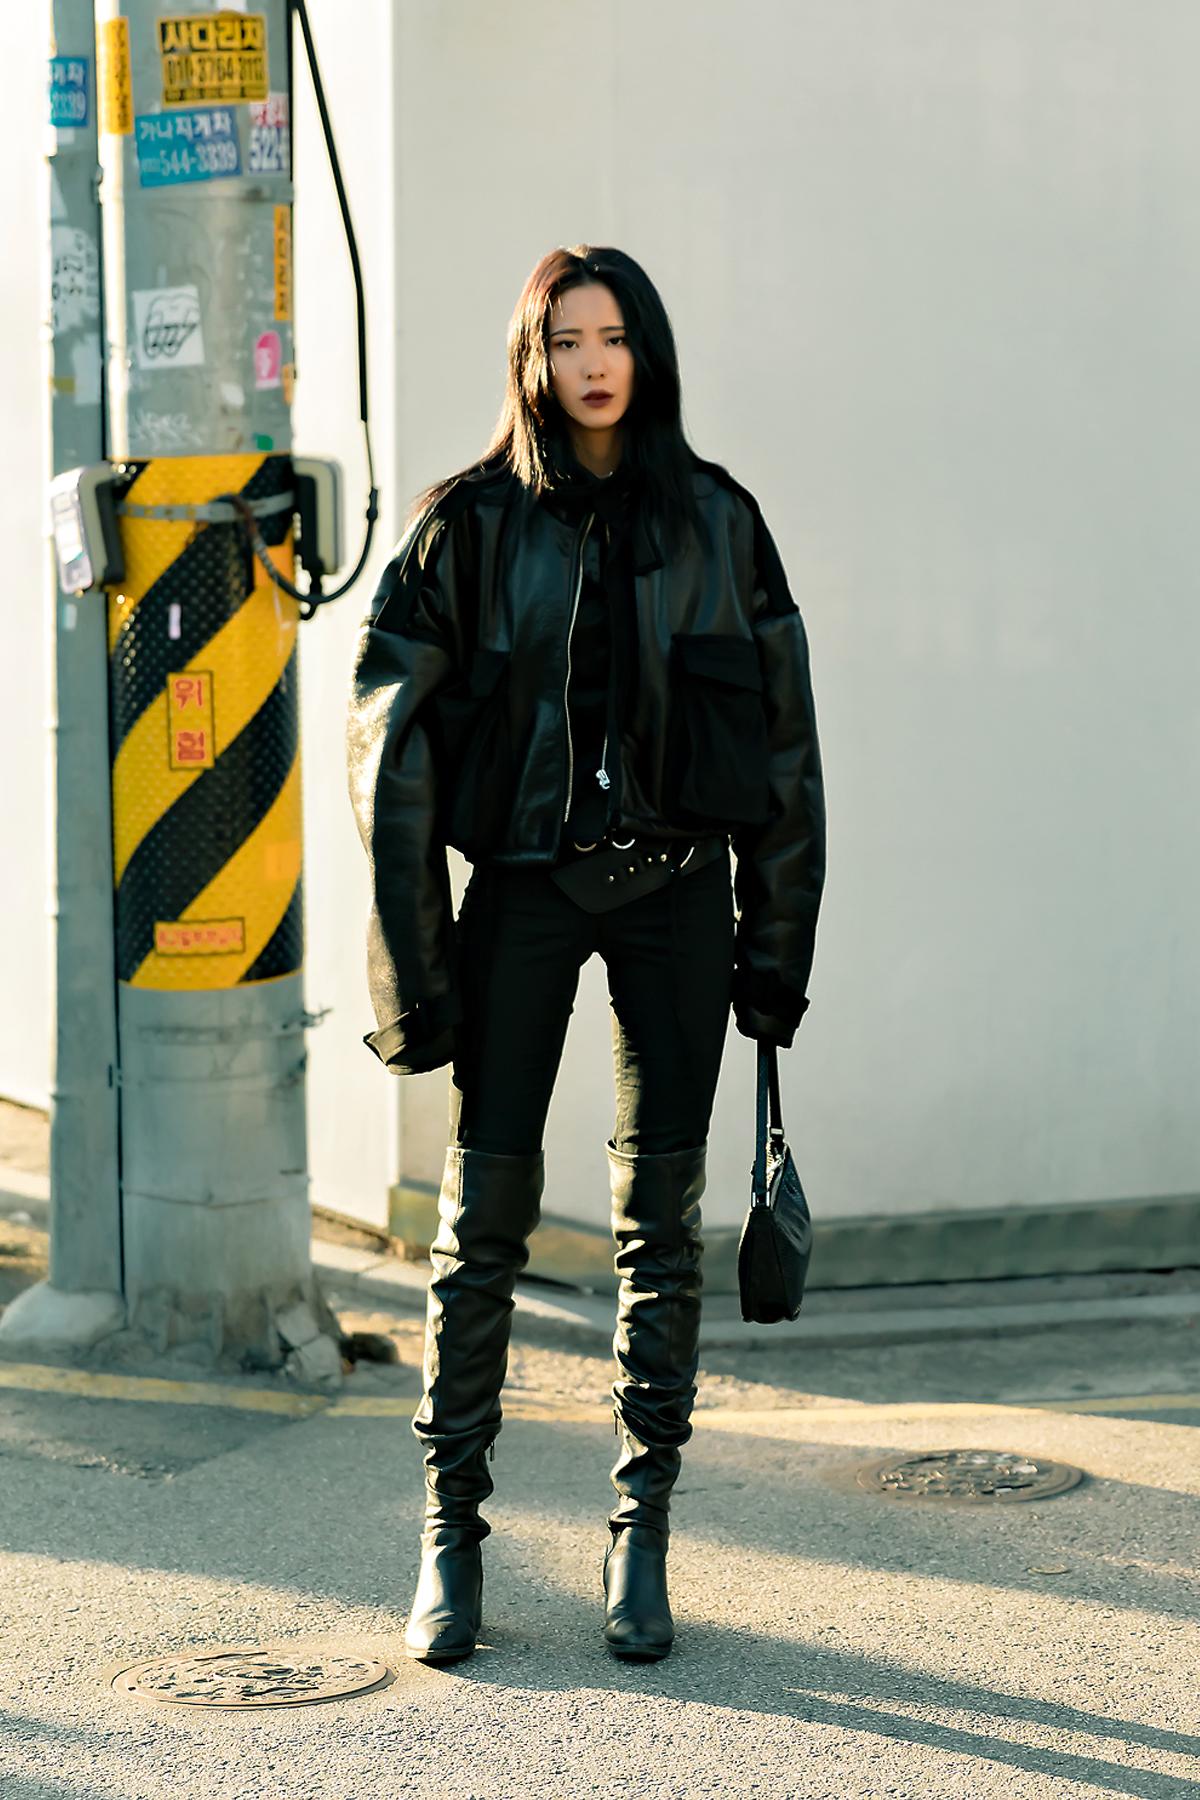 December 2019 Women's Street Fashion Style in Seoul